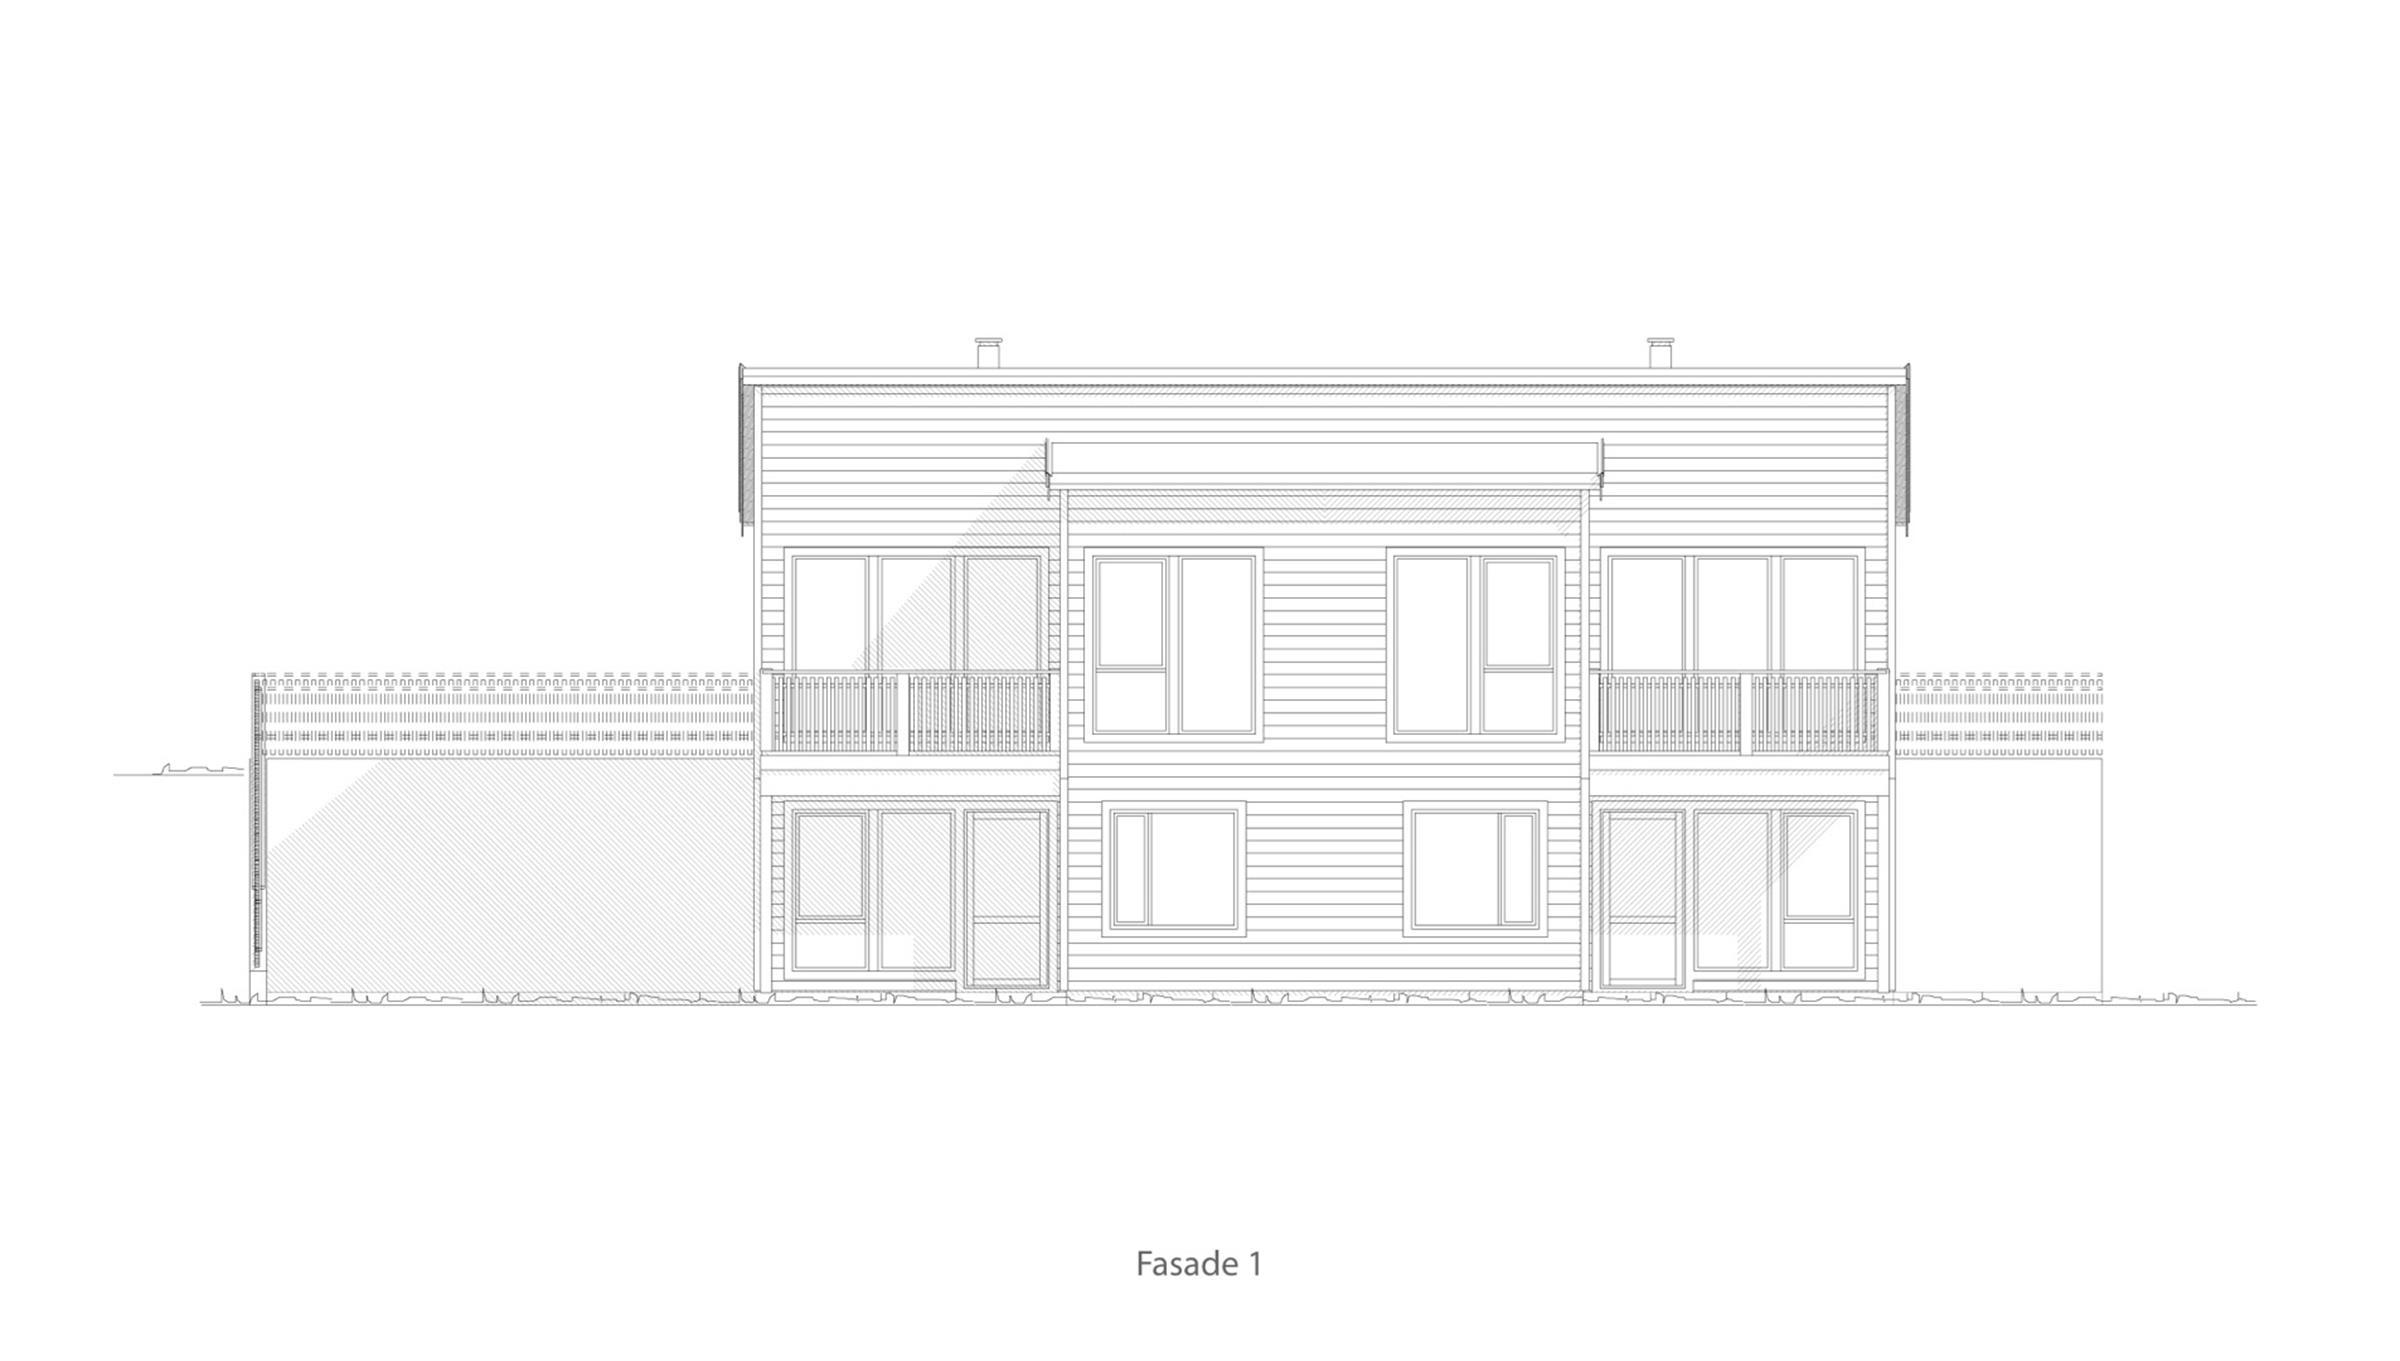 Åsgårdstrand fasade 1